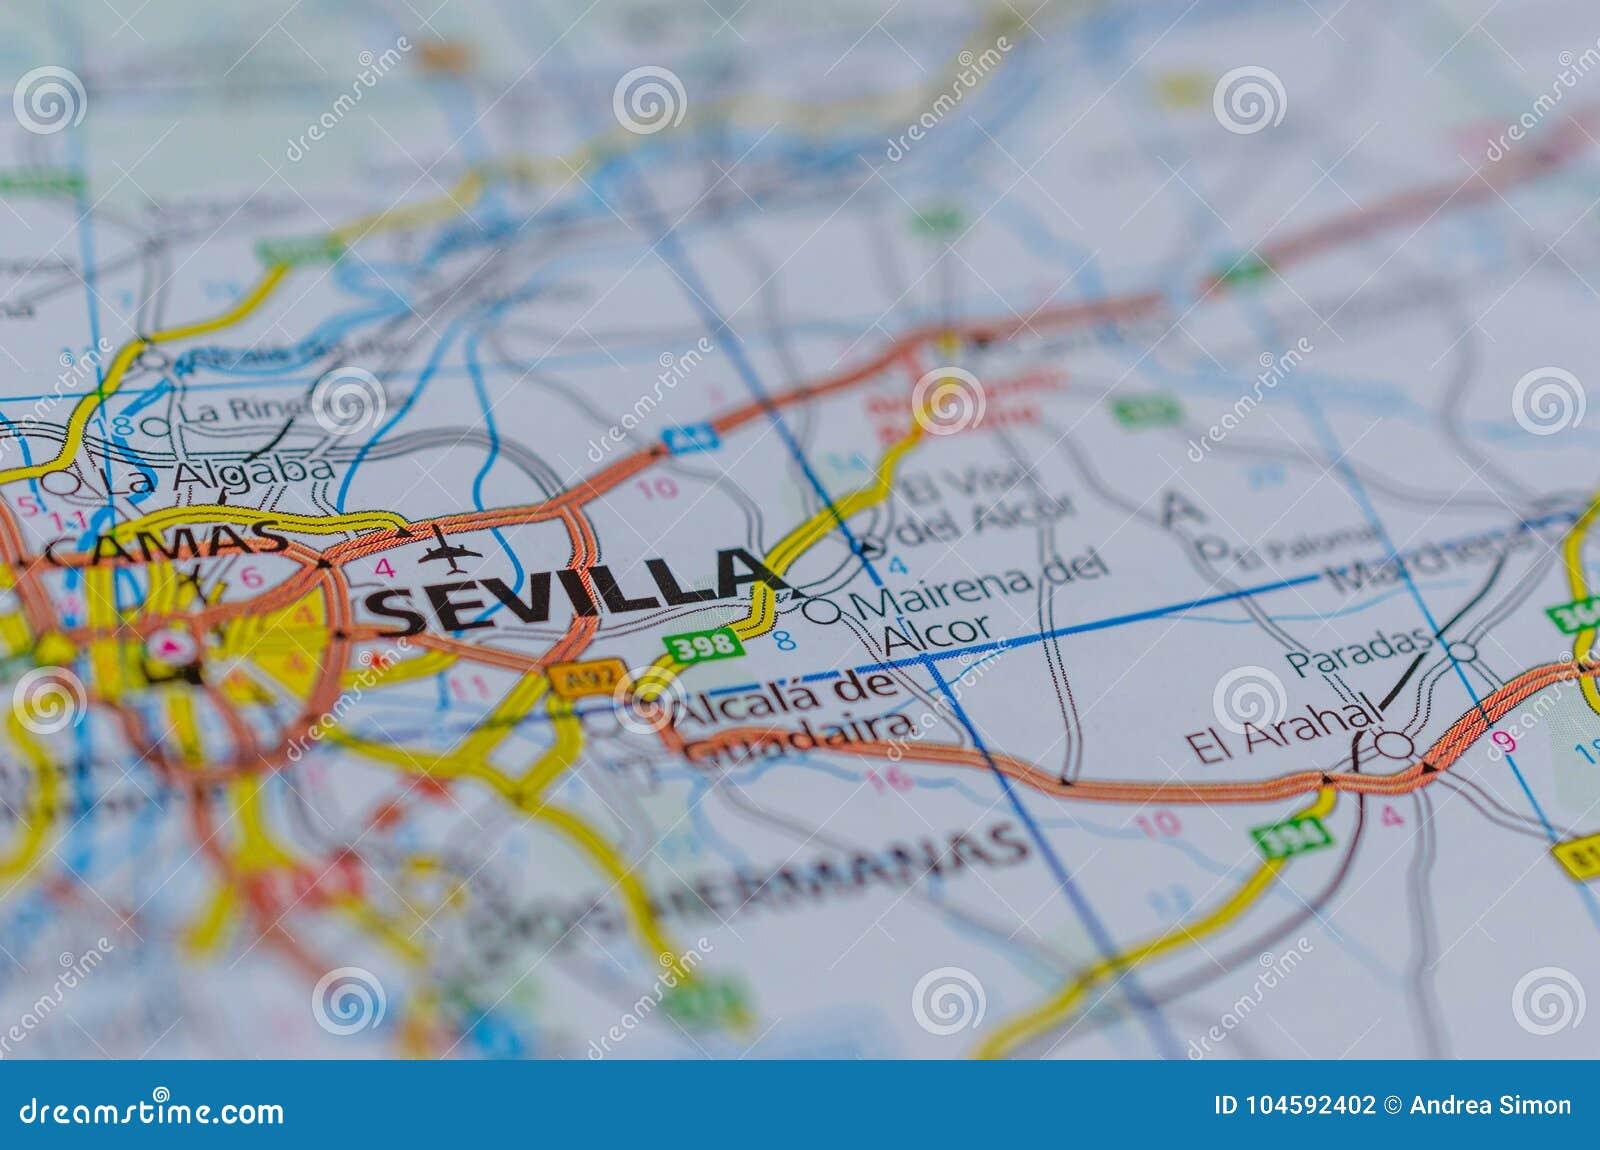 Sevilha No Mapa Foto De Stock Imagem De Euro Globo 104592402